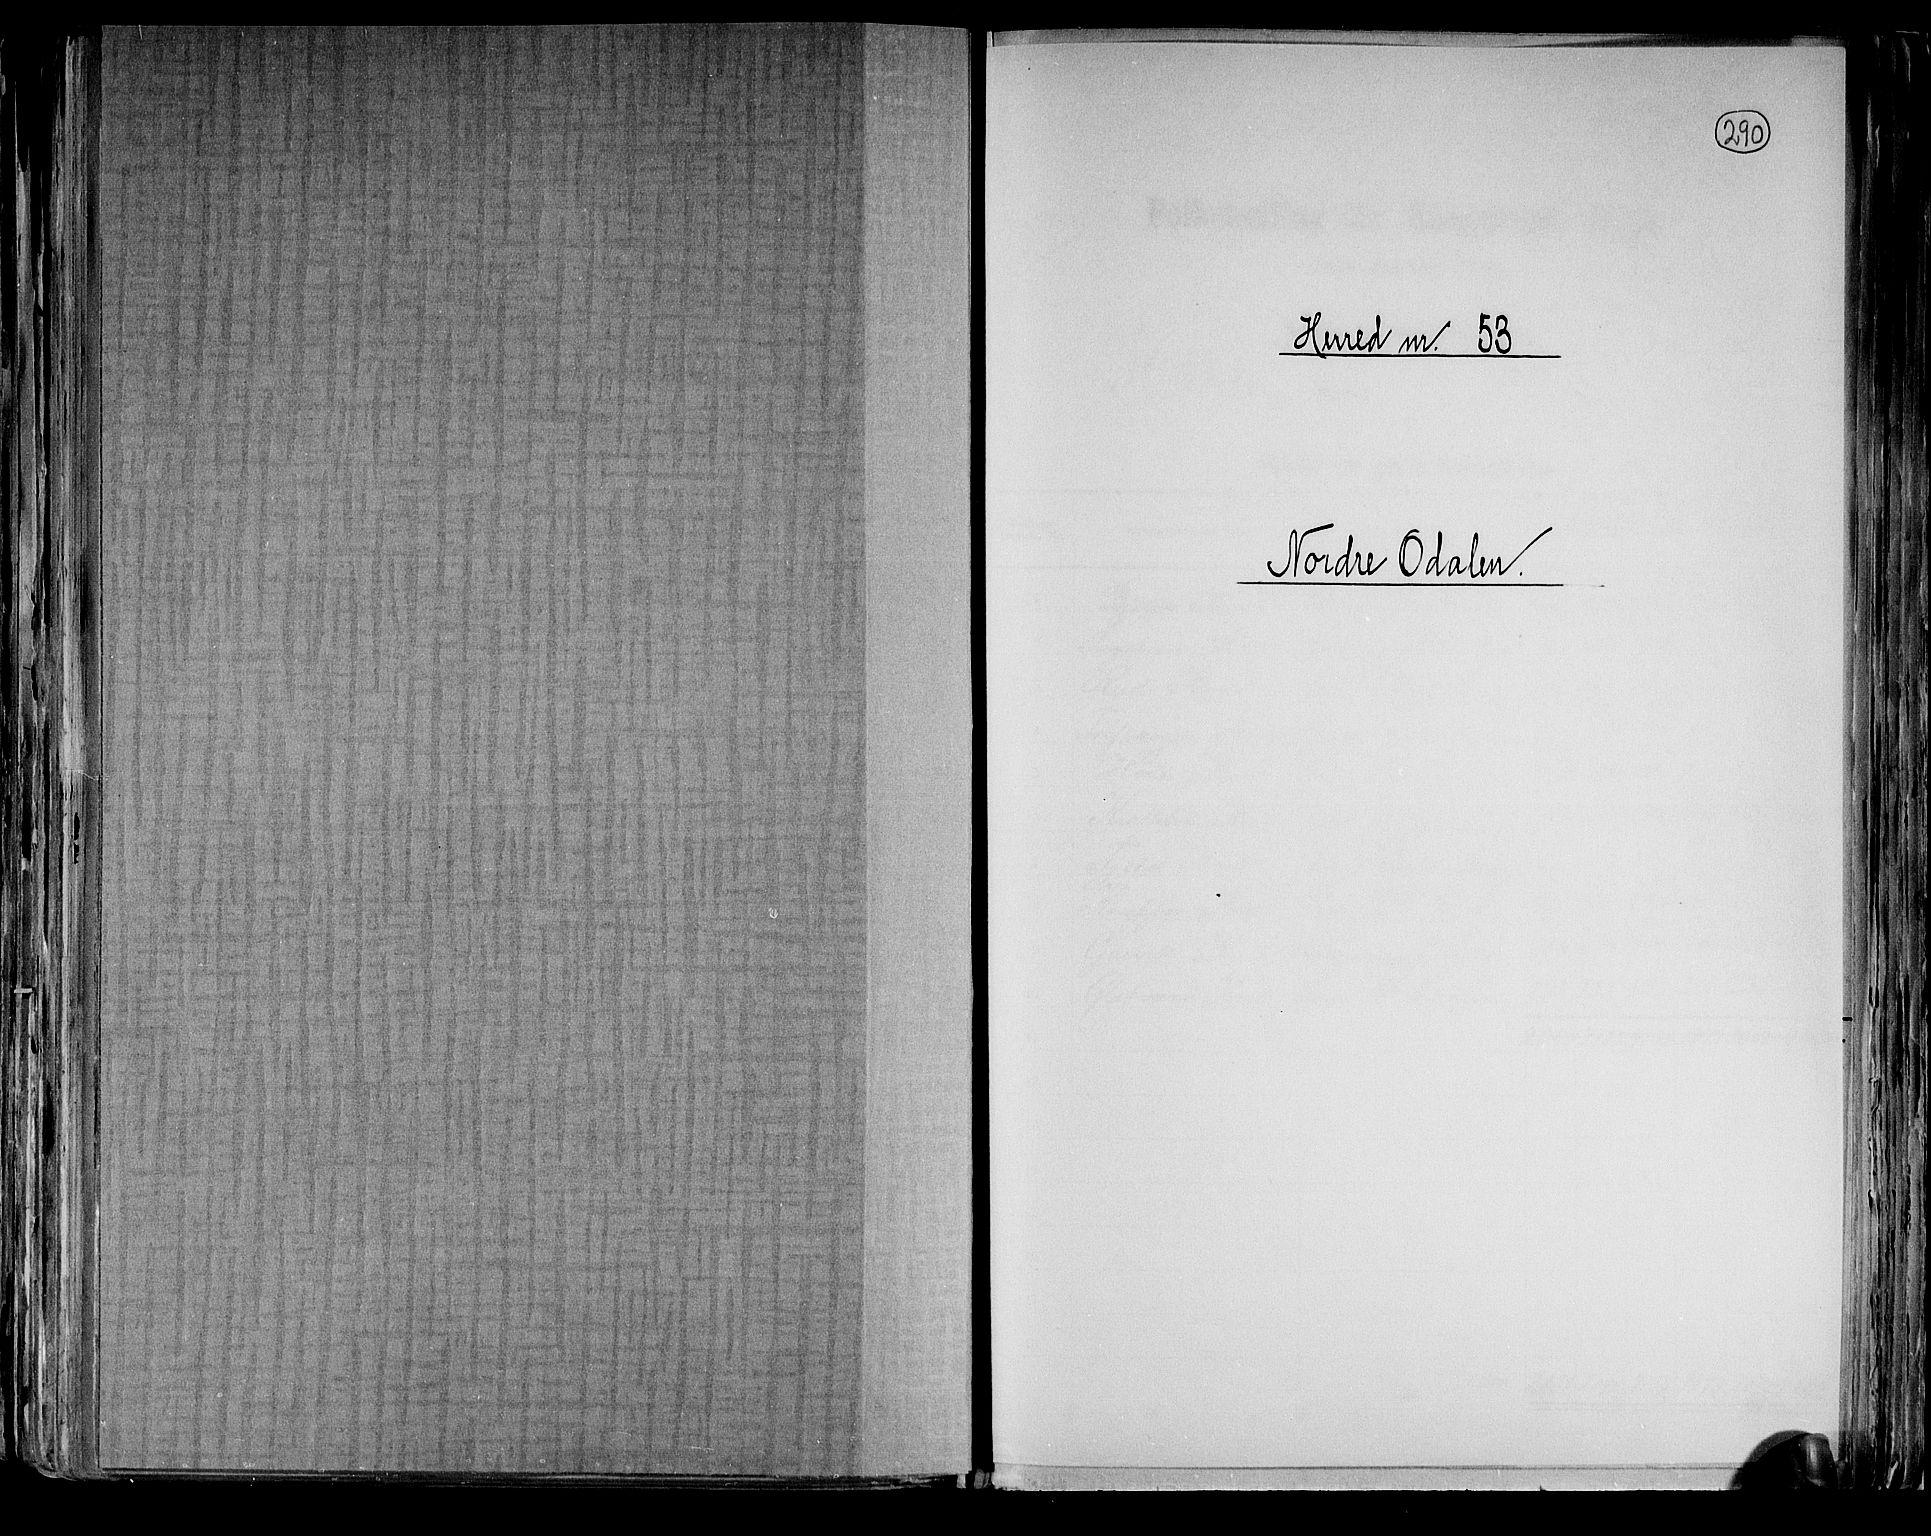 RA, Folketelling 1891 for 0418 Nord-Odal herred, 1891, s. 1